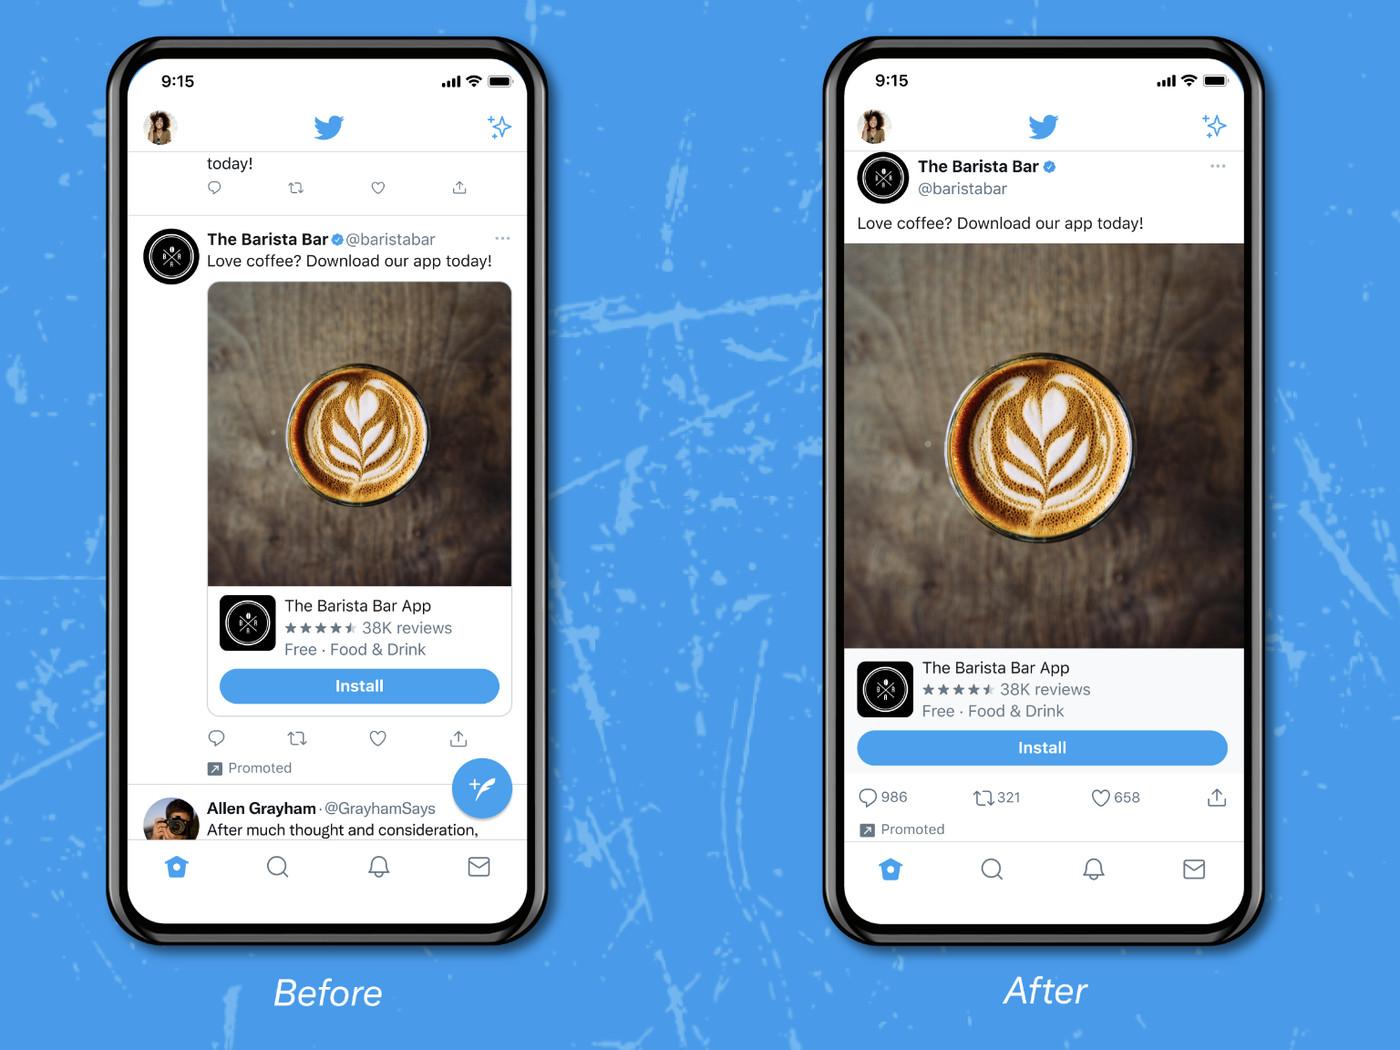 Twitter Saat Ini Sedang Menguji Timeline Baru Dengan Pengalaman Media Edge-to-Edge Untuk Pengguna iOS